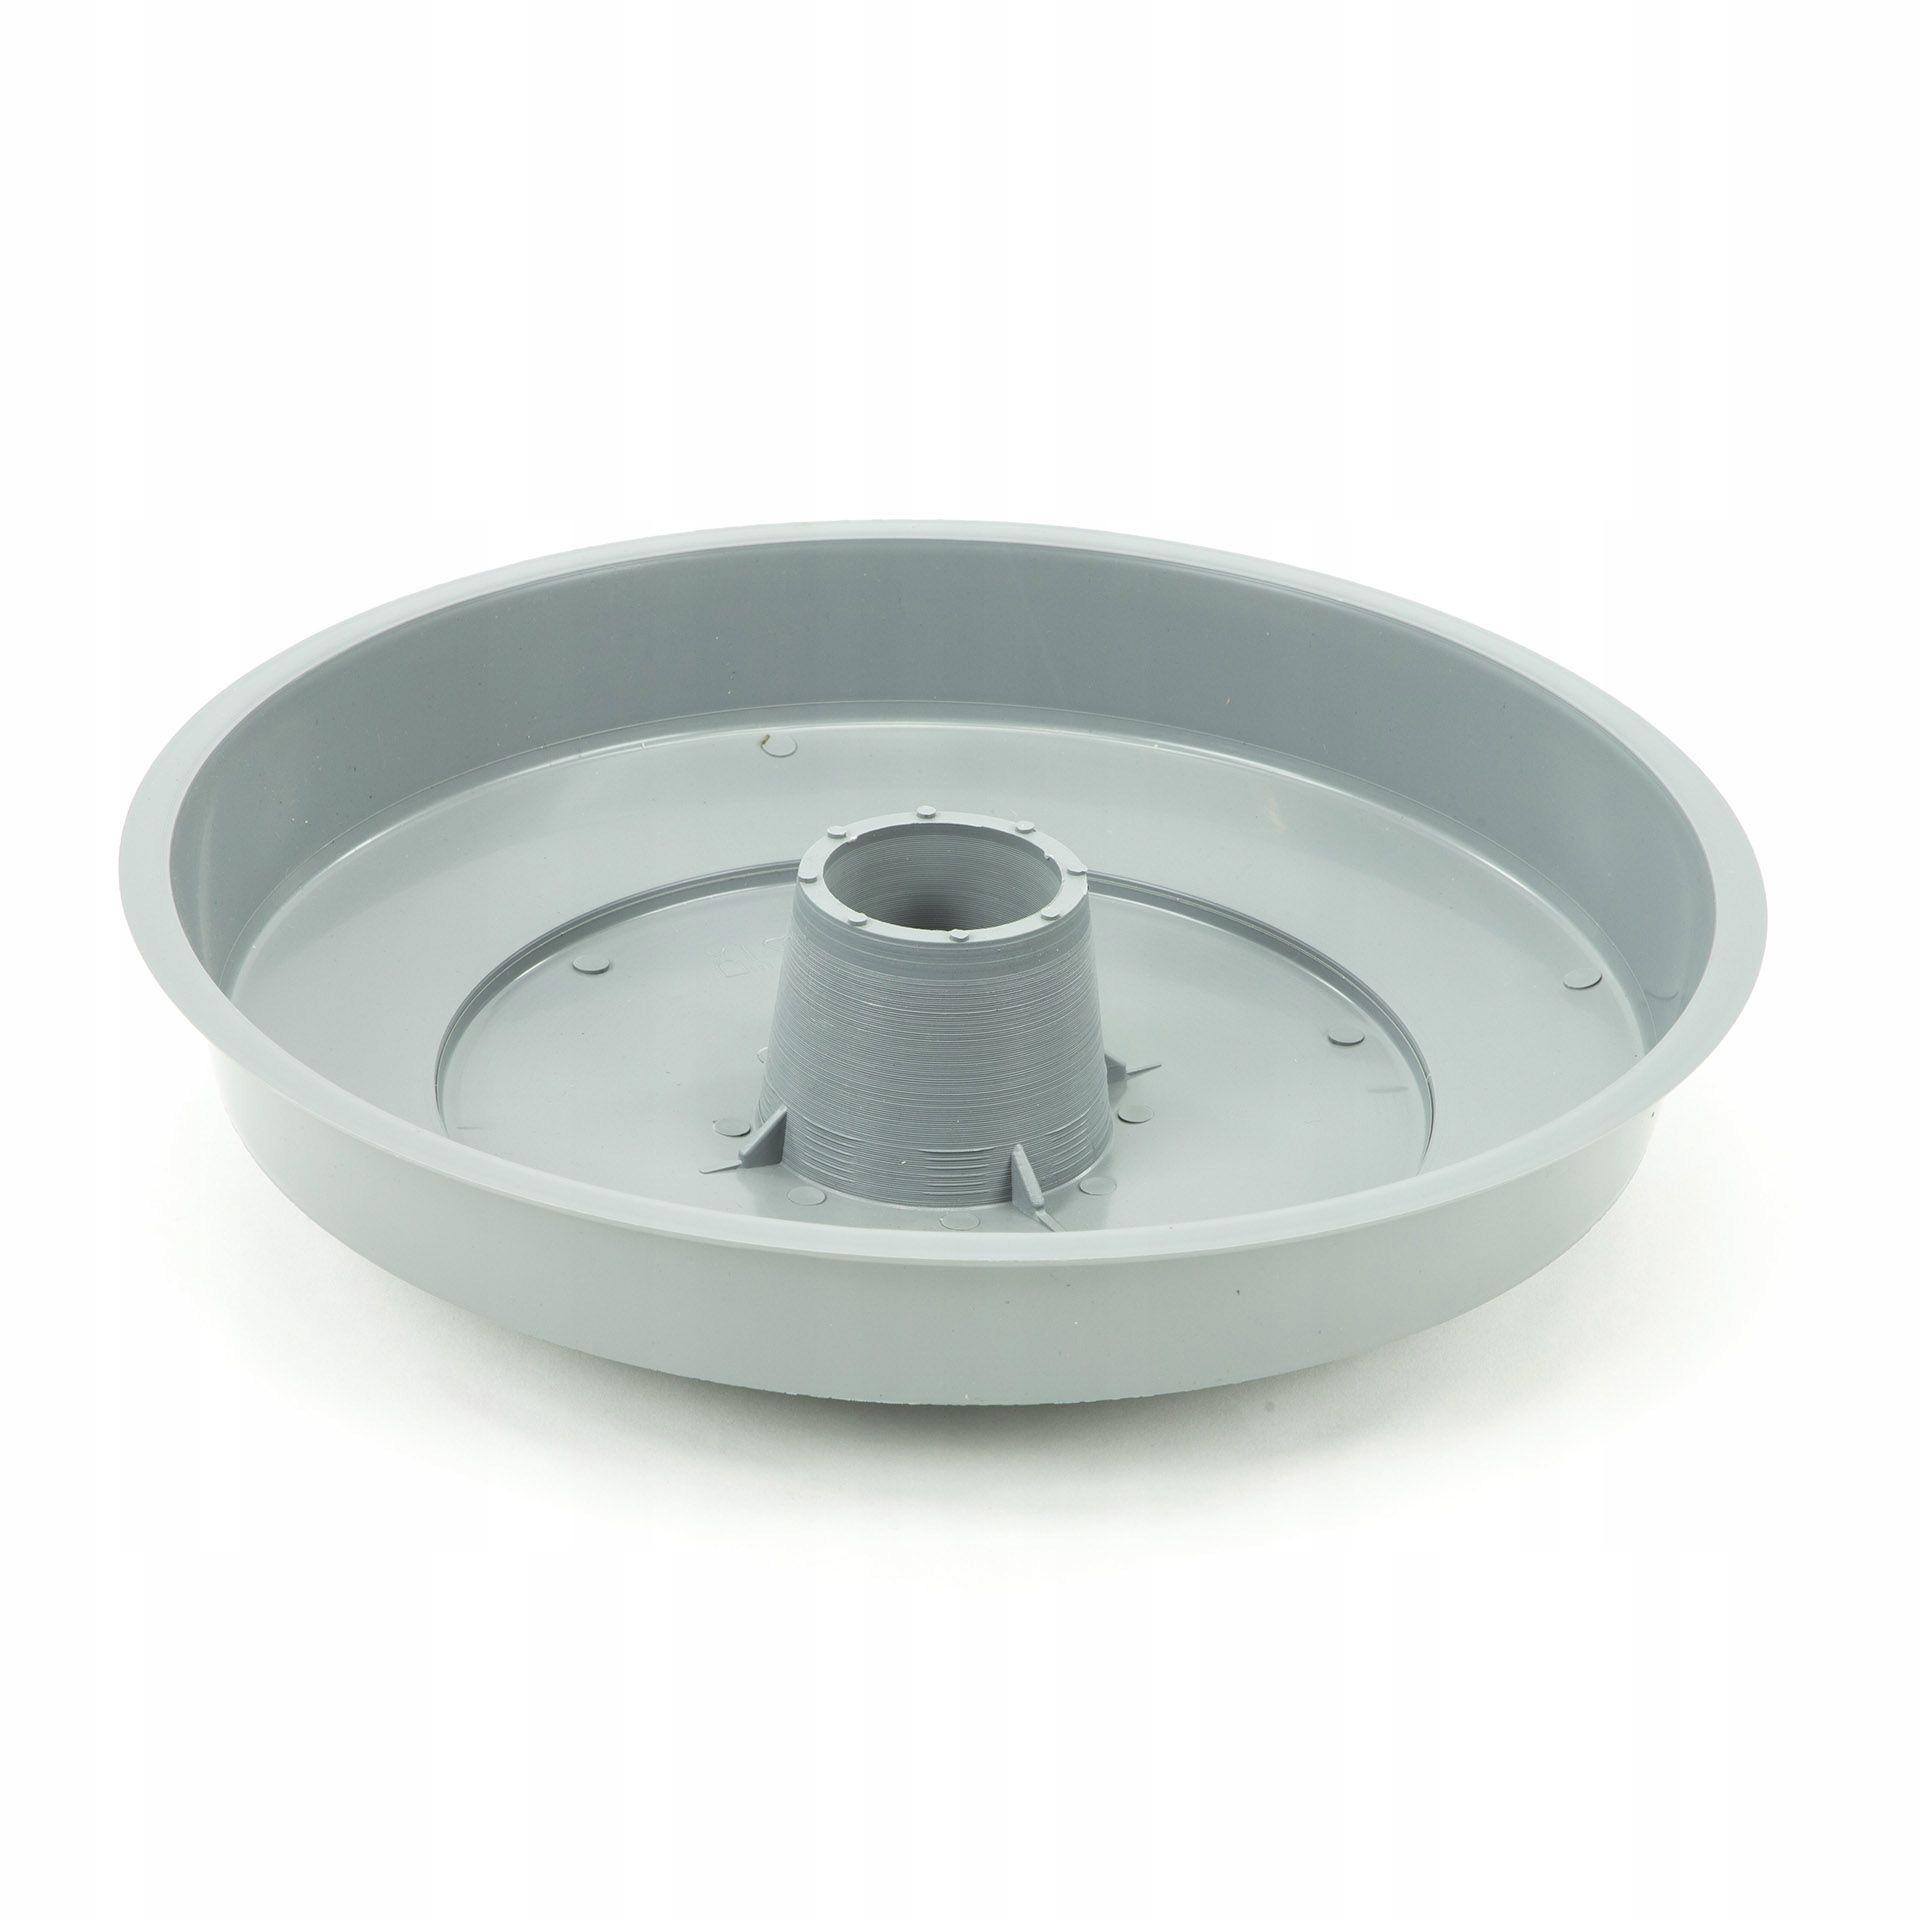 Podkarmiaczka 4 l powałkowa okrągła - wzór 3165